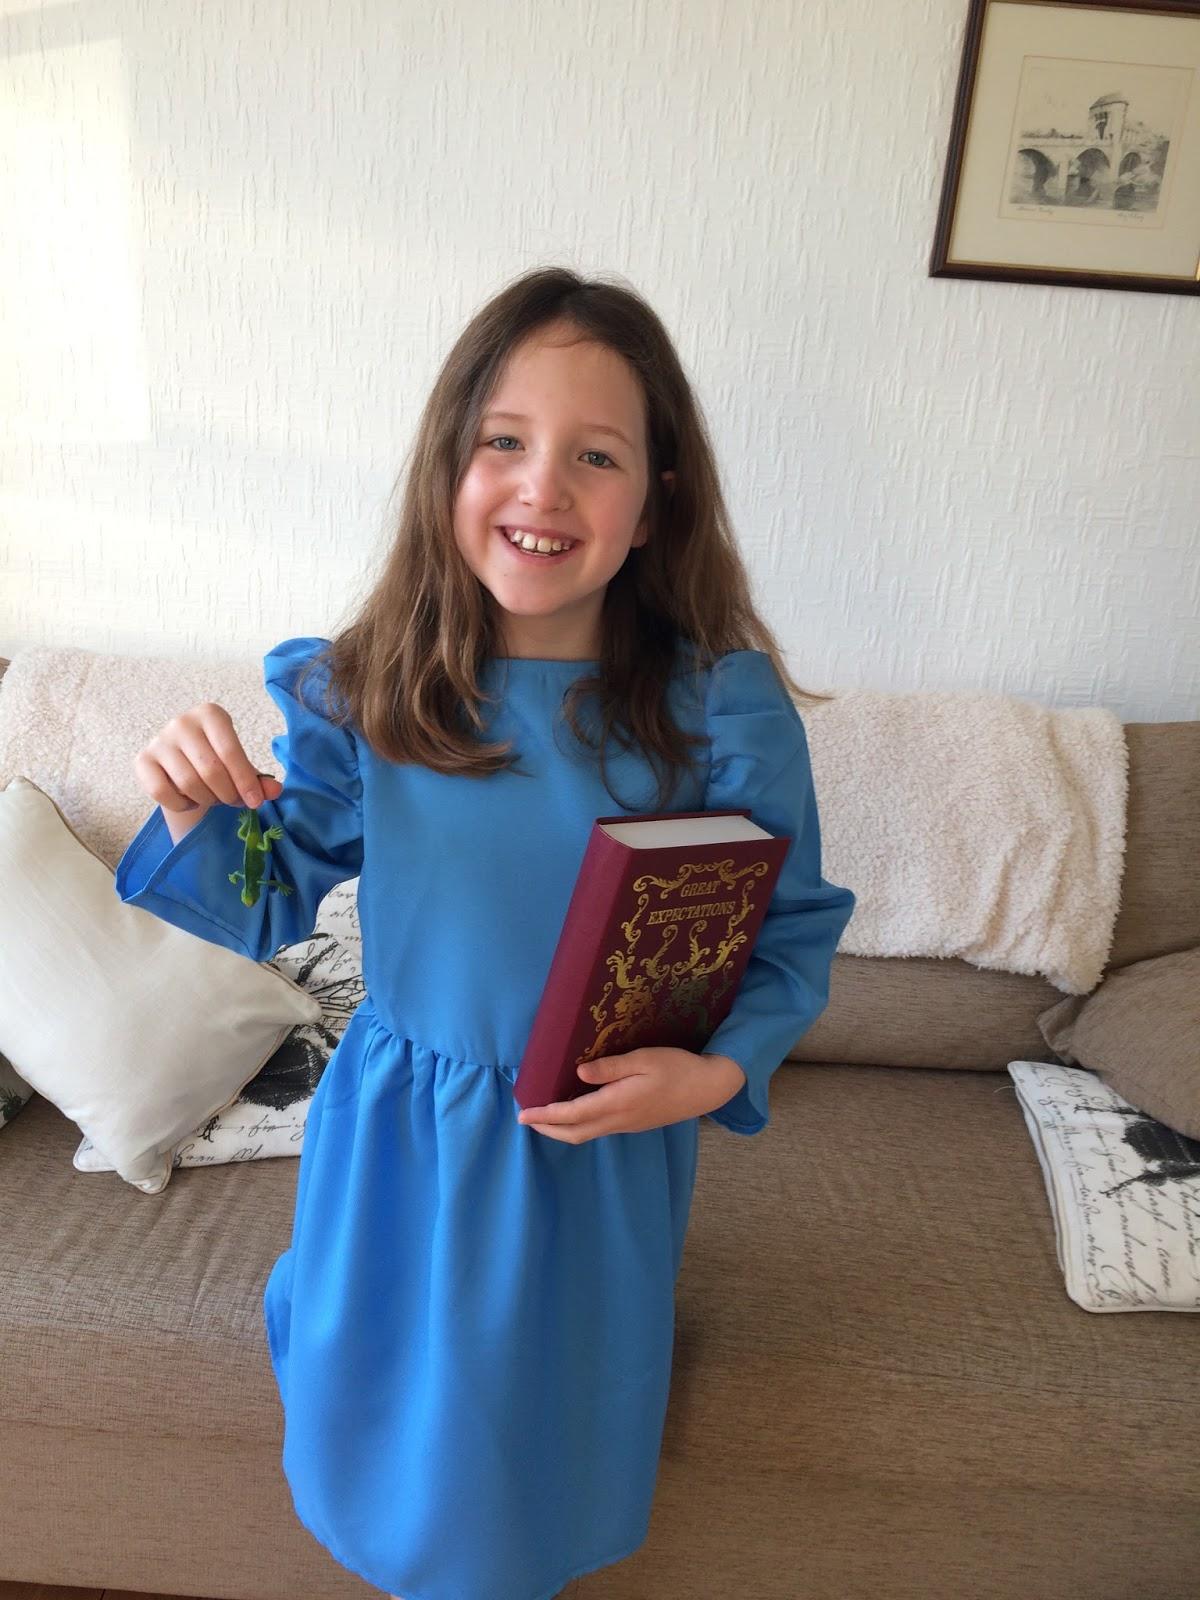 Caitlin as Roald Dahl's Matilda